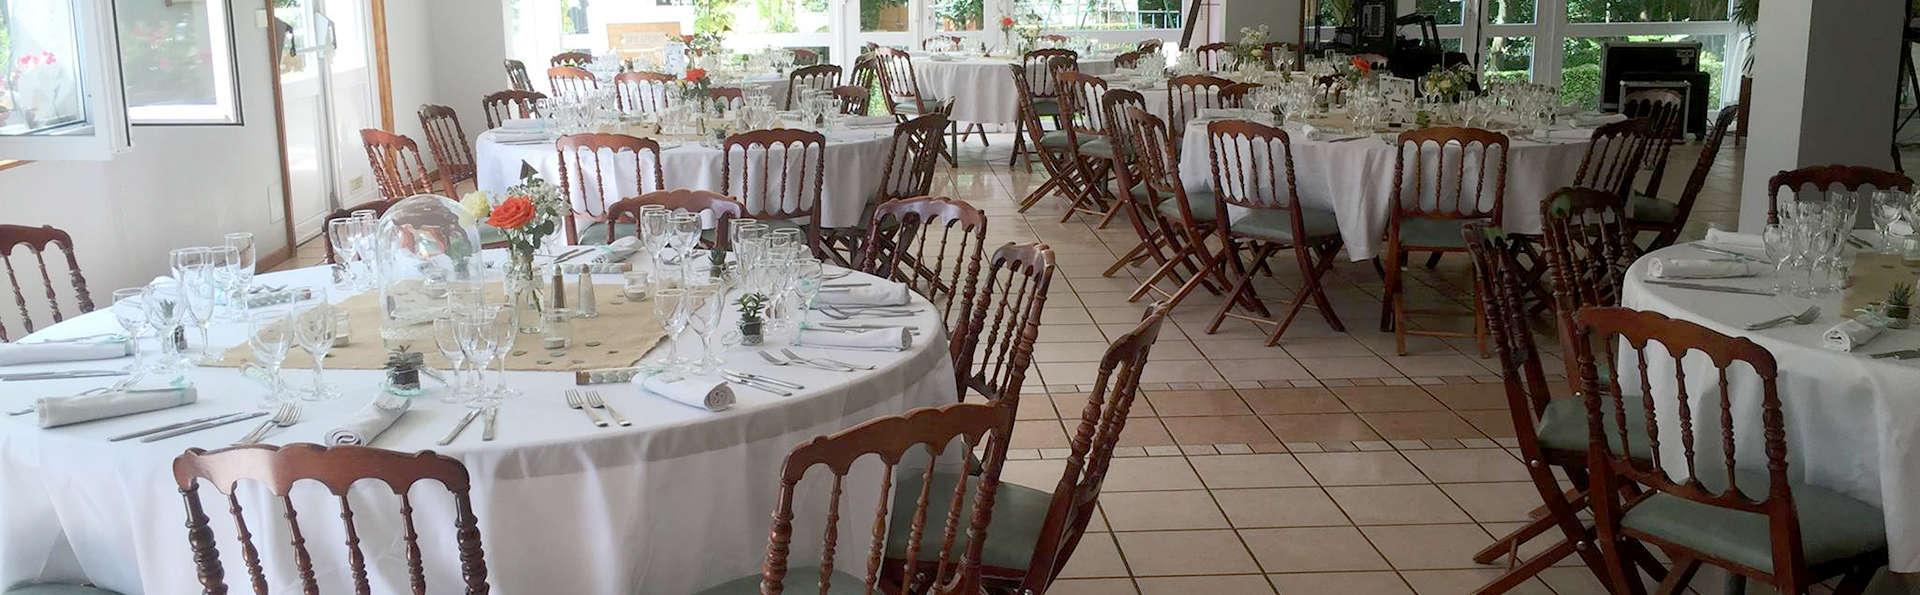 Cena para dos en La Chaussée sur Marne, en Champaña-Ardenas